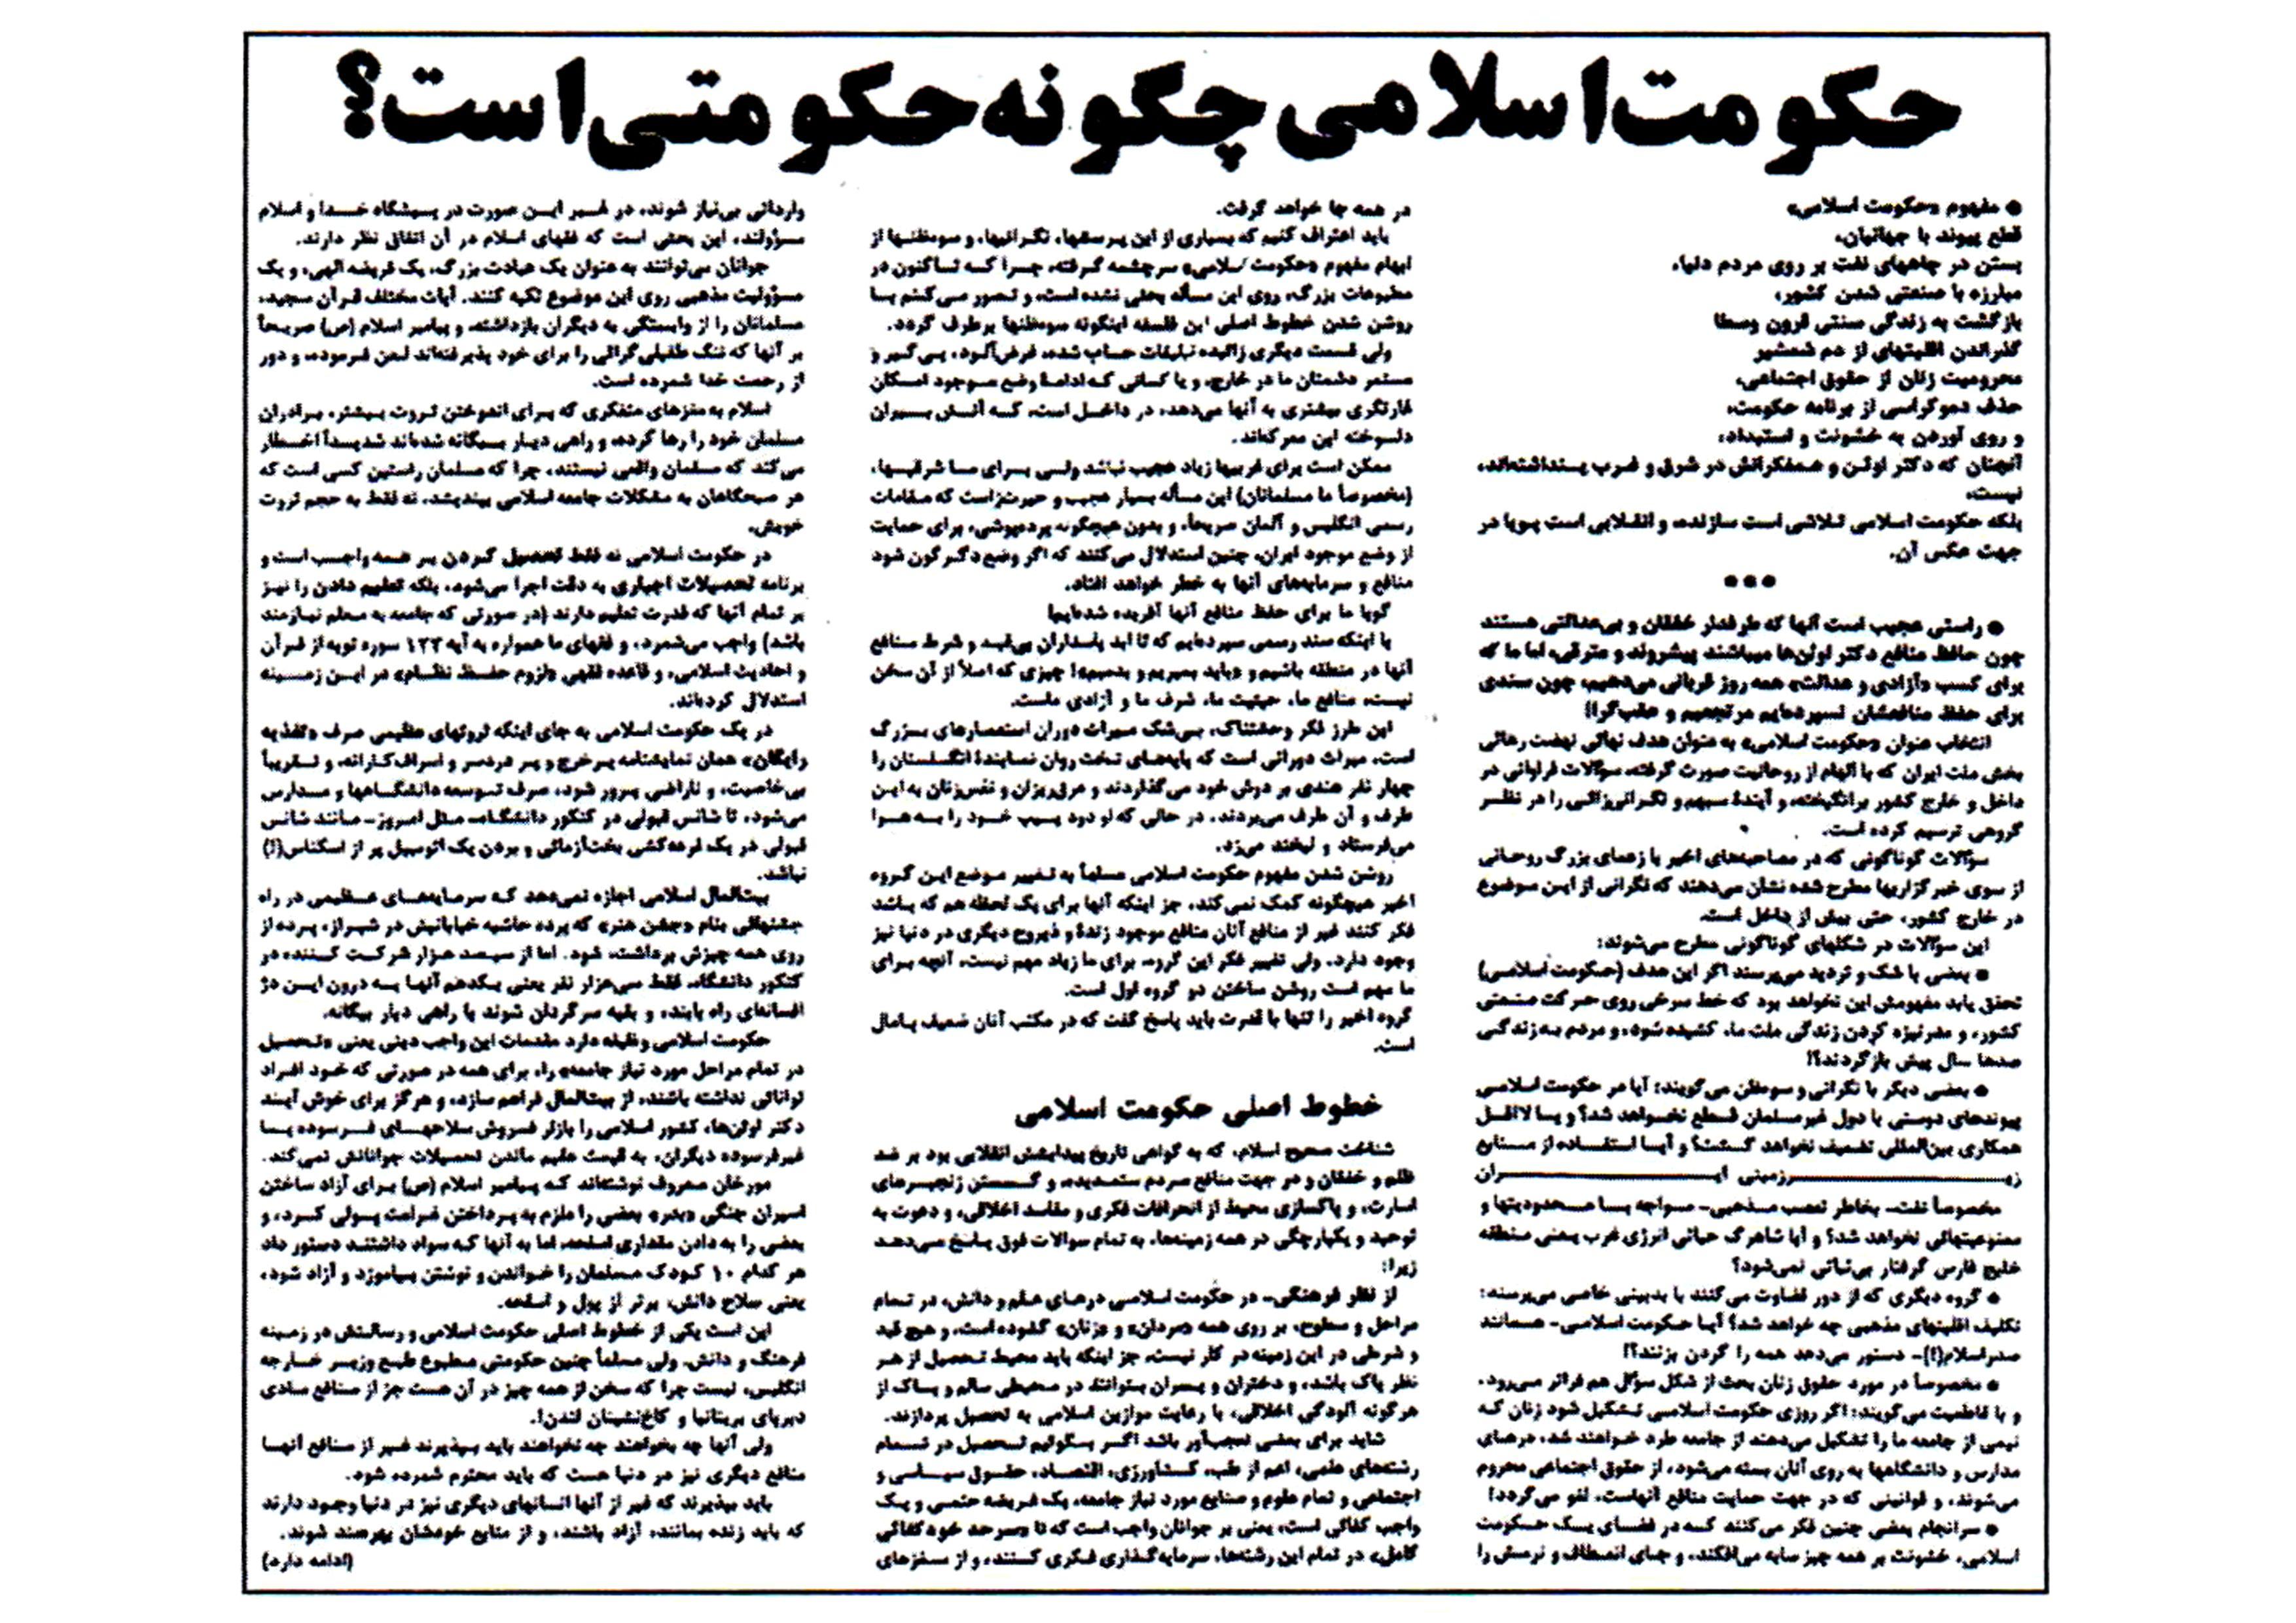 نوشتاری از آیت الله العظمی مکارم شیرازی با عنوان «حکومت اسلامی چگونه حکومتی است؟»-مدرسه الامام امیر المومنین (ع)